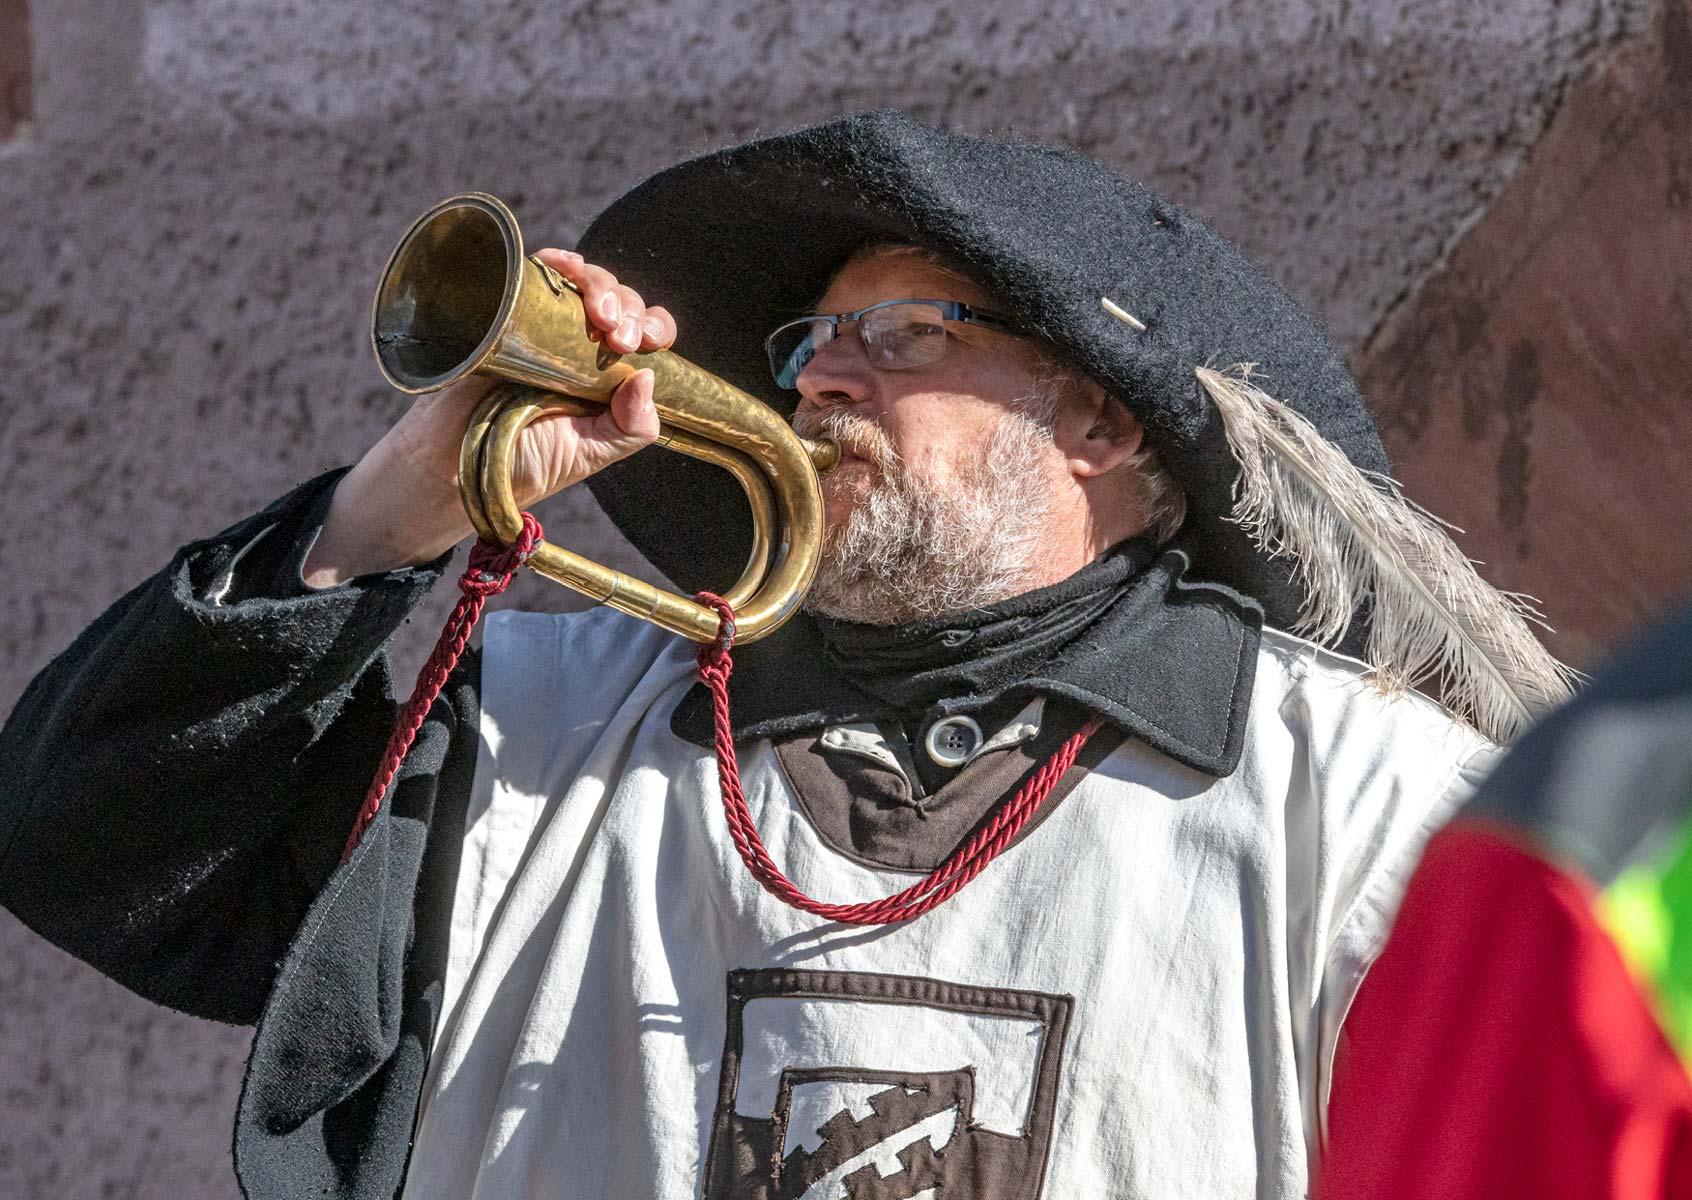 Der Stadtwächter bläst ins Horn